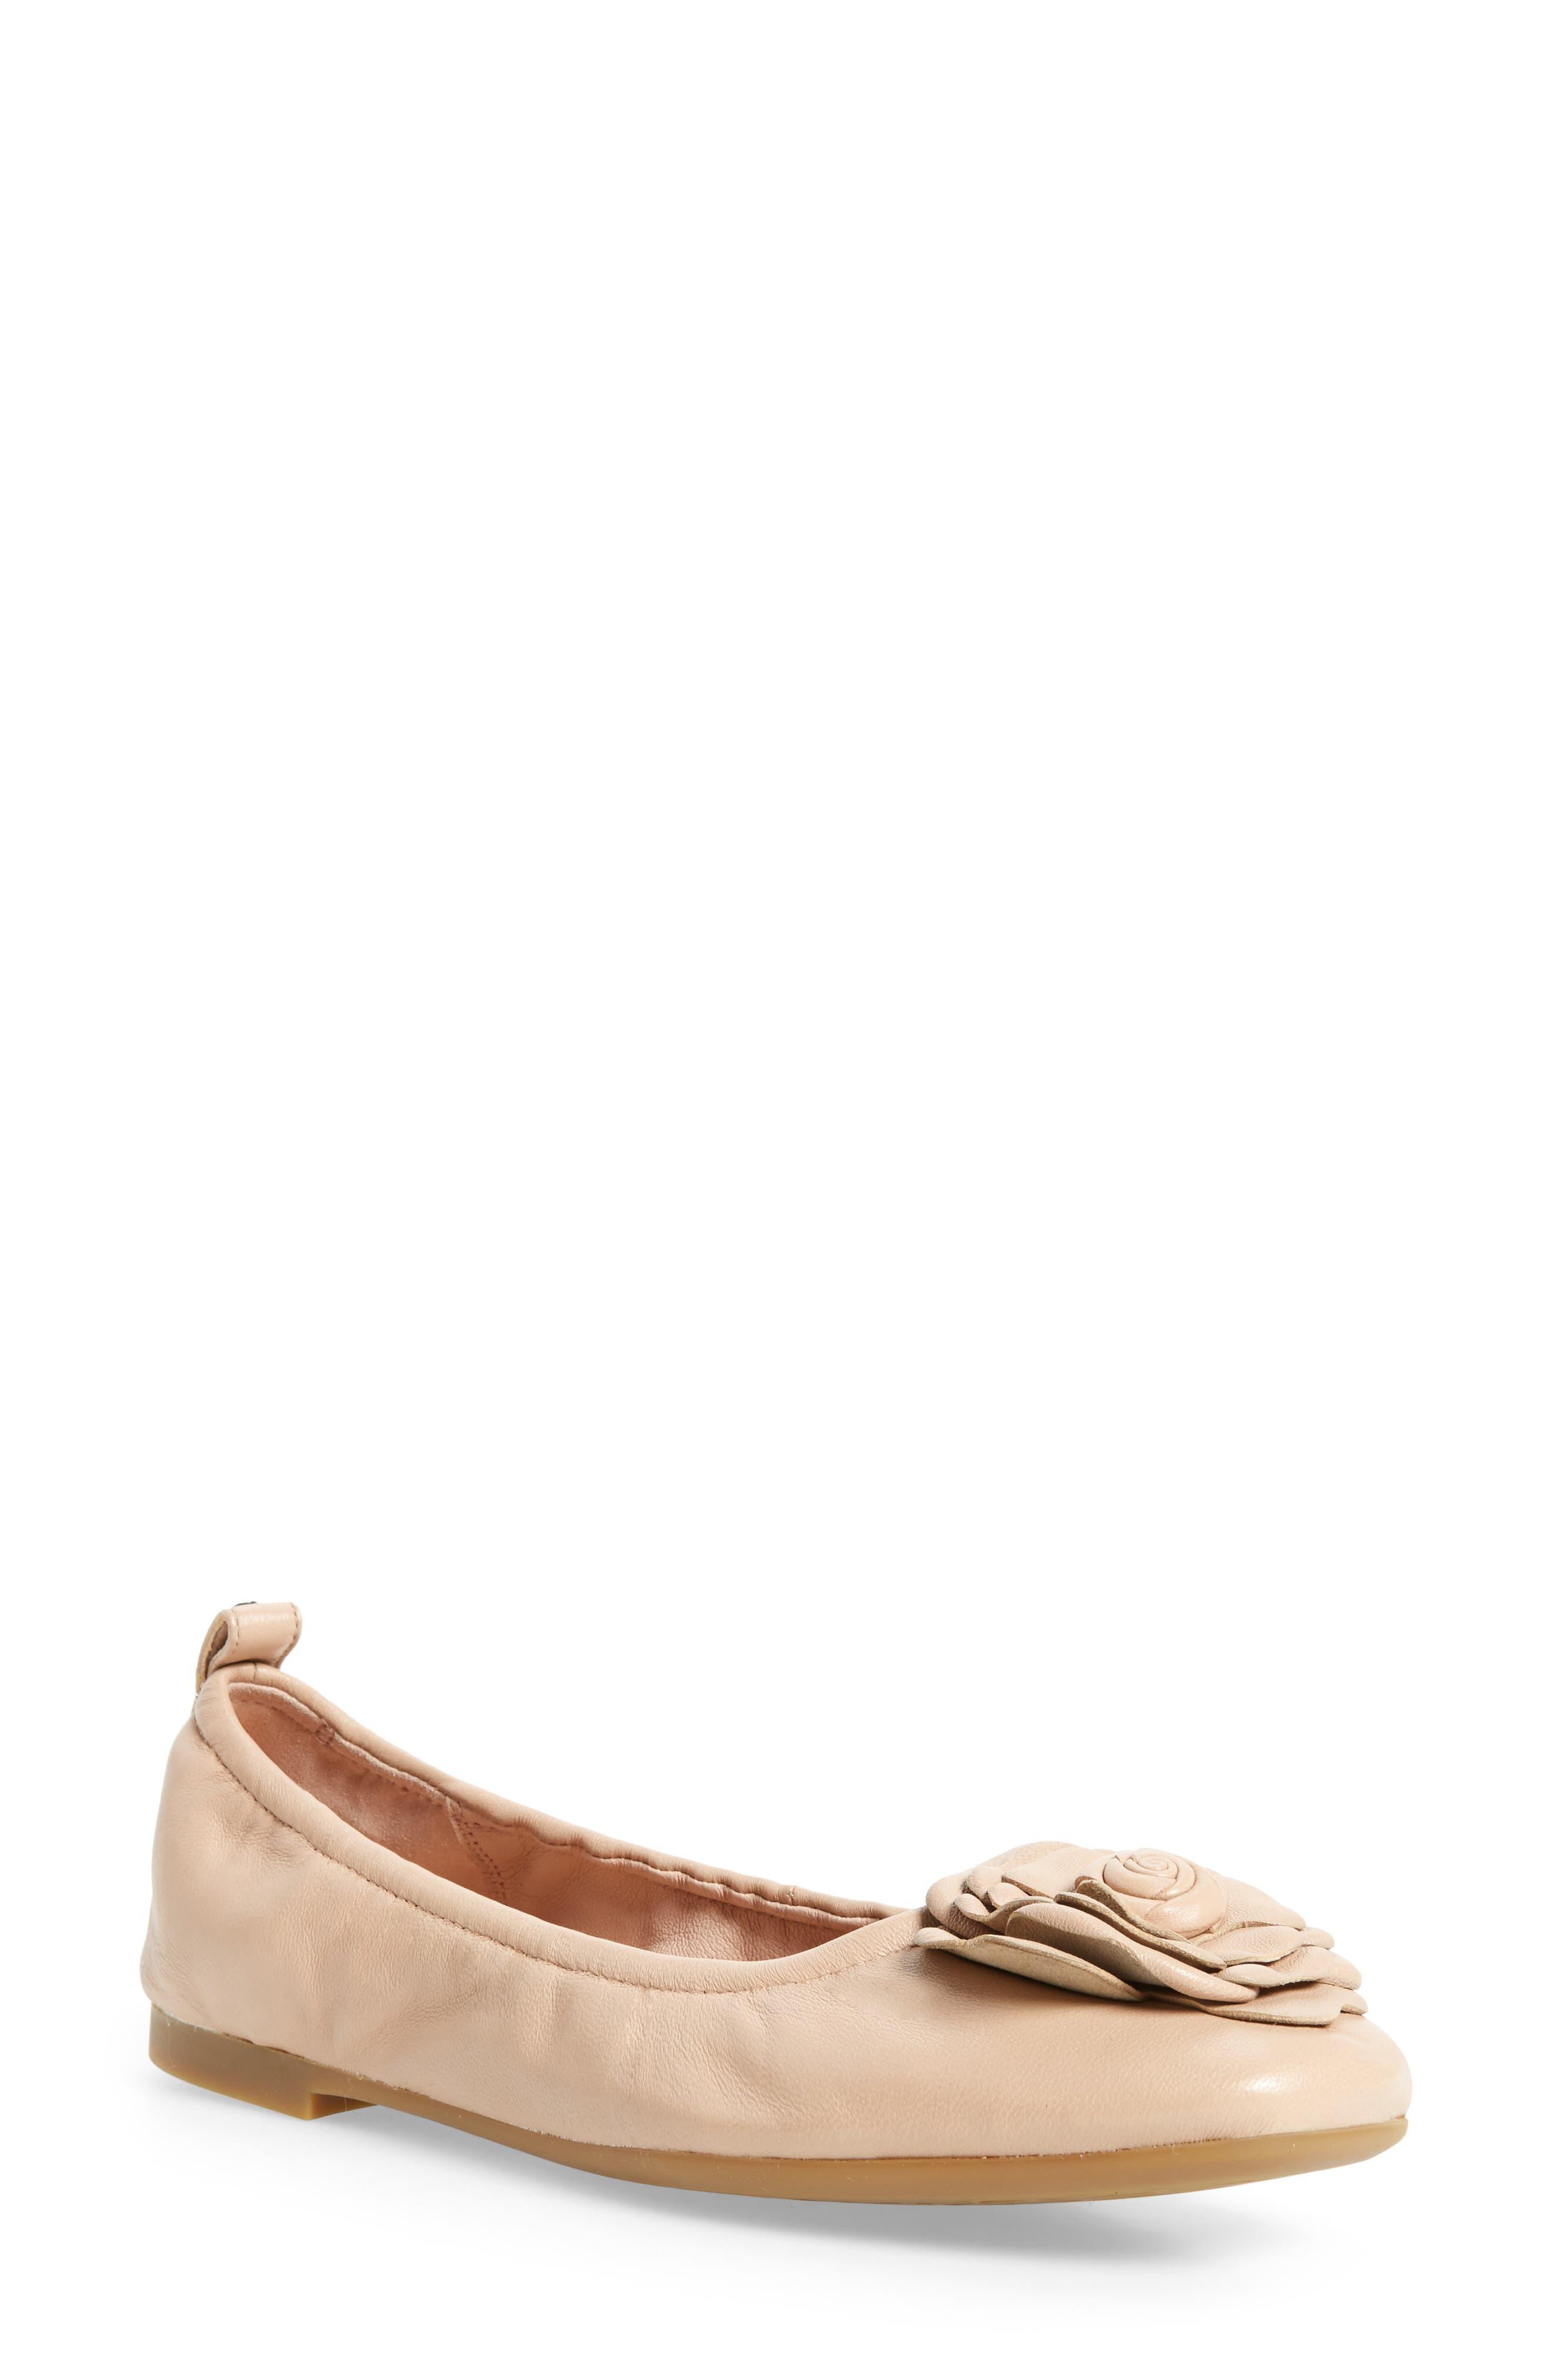 TARYN ROSE Rosalyn Leather Ballet Flats in Nocolor